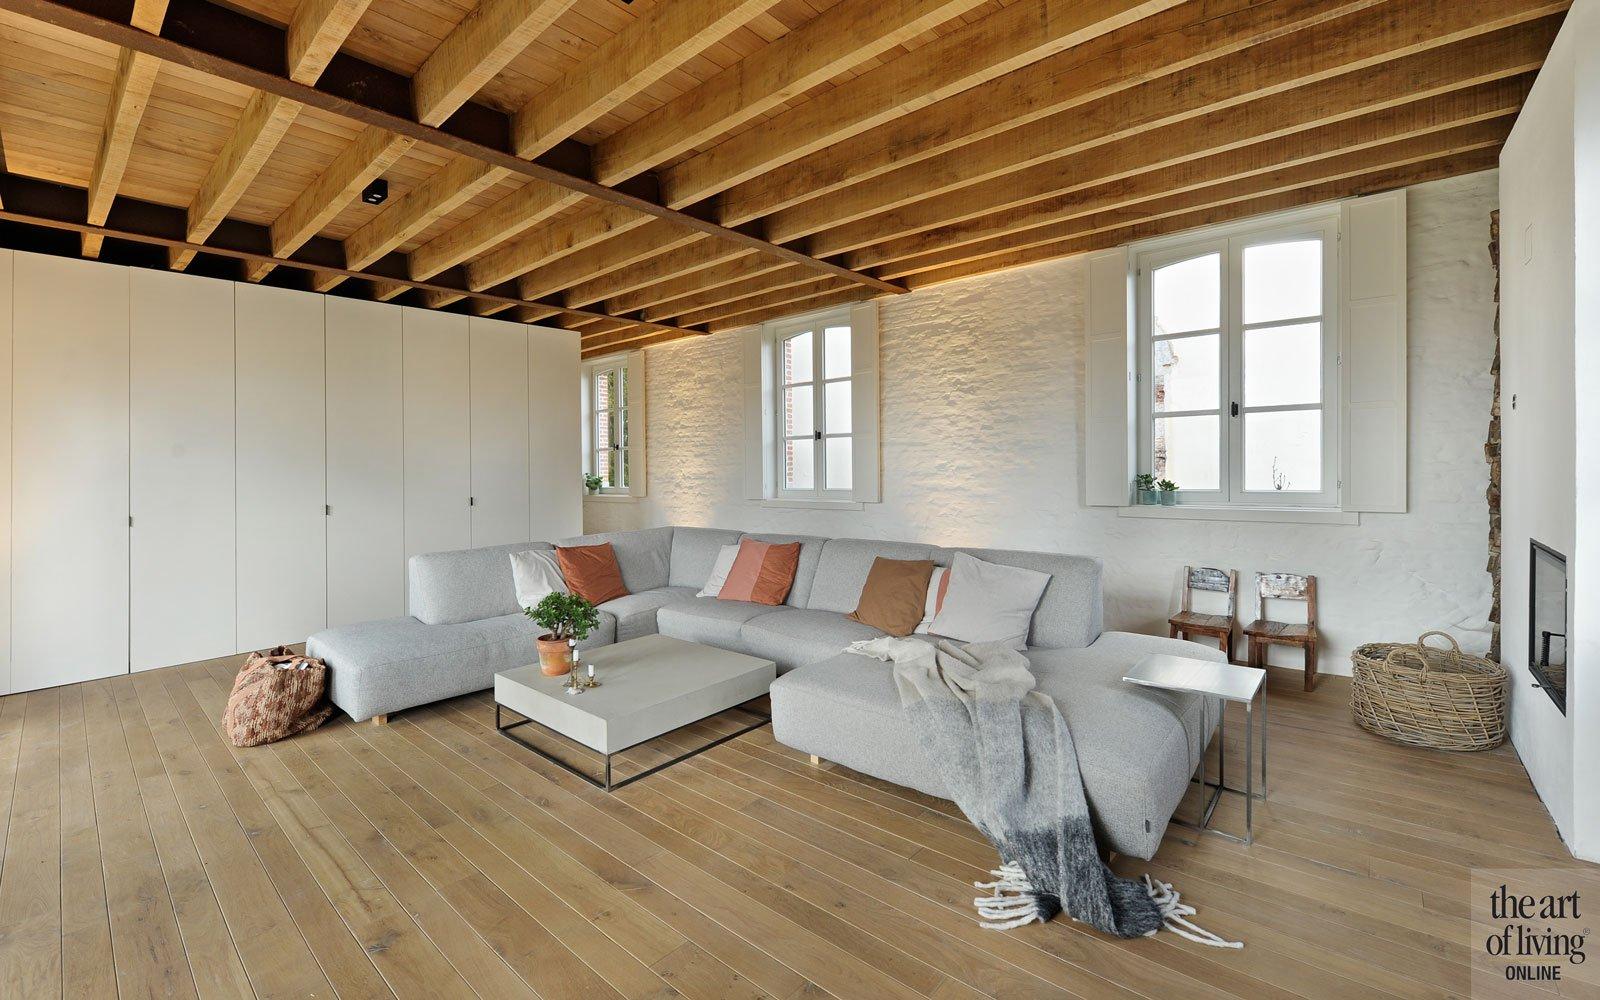 Woonkamer, interieur, houten vloer, houten balken, authentiek, bakstenen muur, gekaleid, oud koetshuis, Michiel van Raemdonck